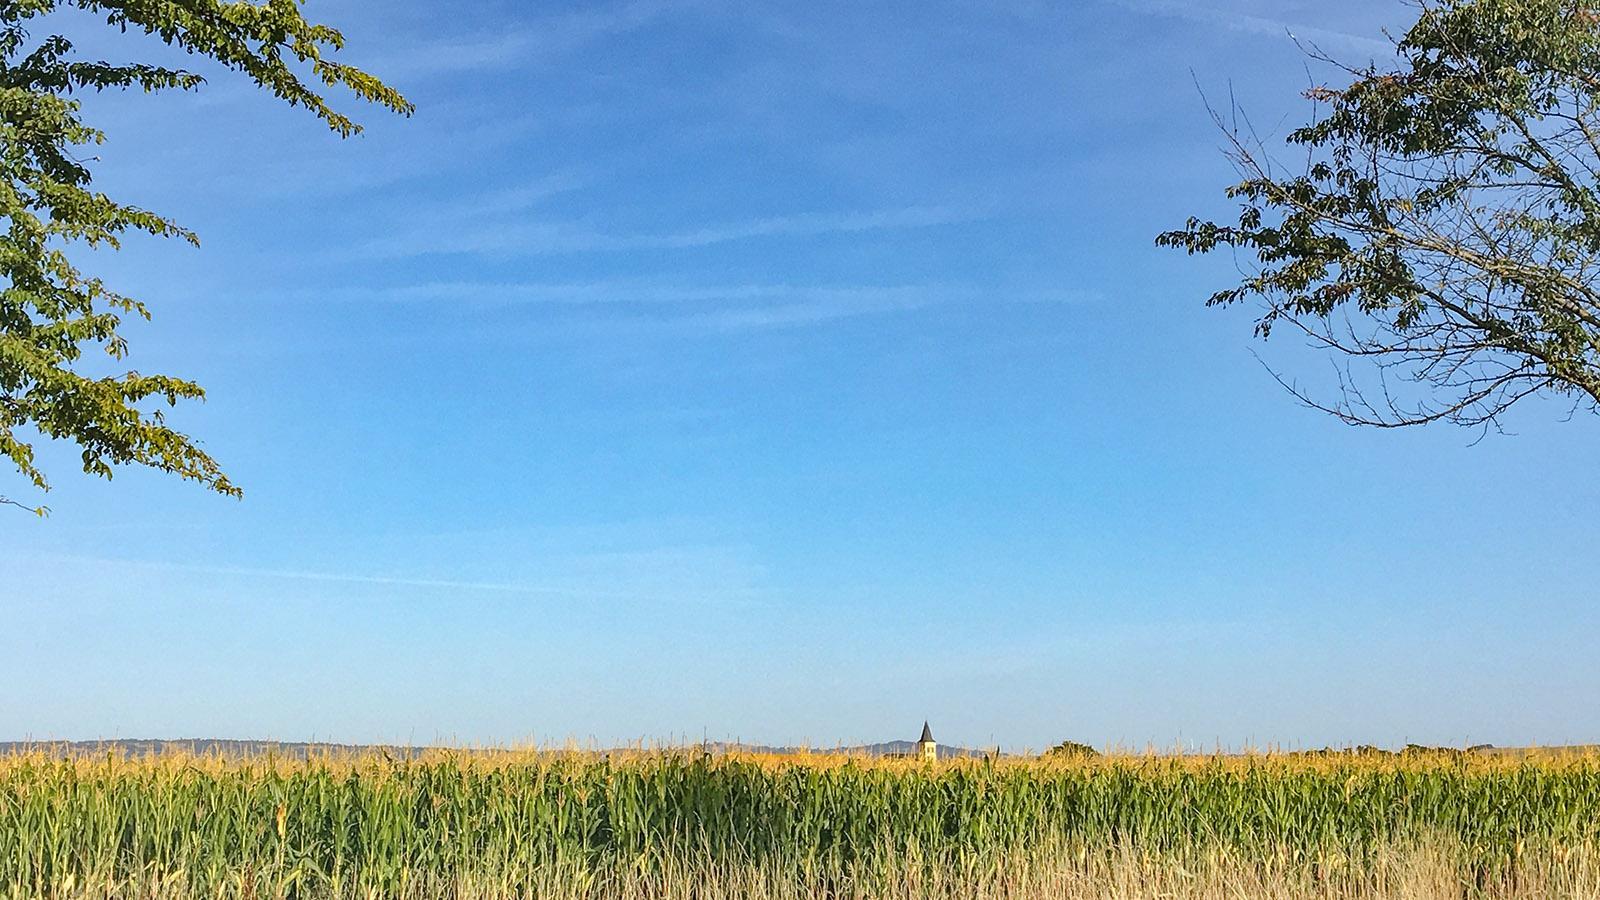 Auvergne: Tischtuchplatt - die Limagne. Bis an den Horizont erstrecken sich dort die riesigen Maisfelder. Foto: Hilke Maunder